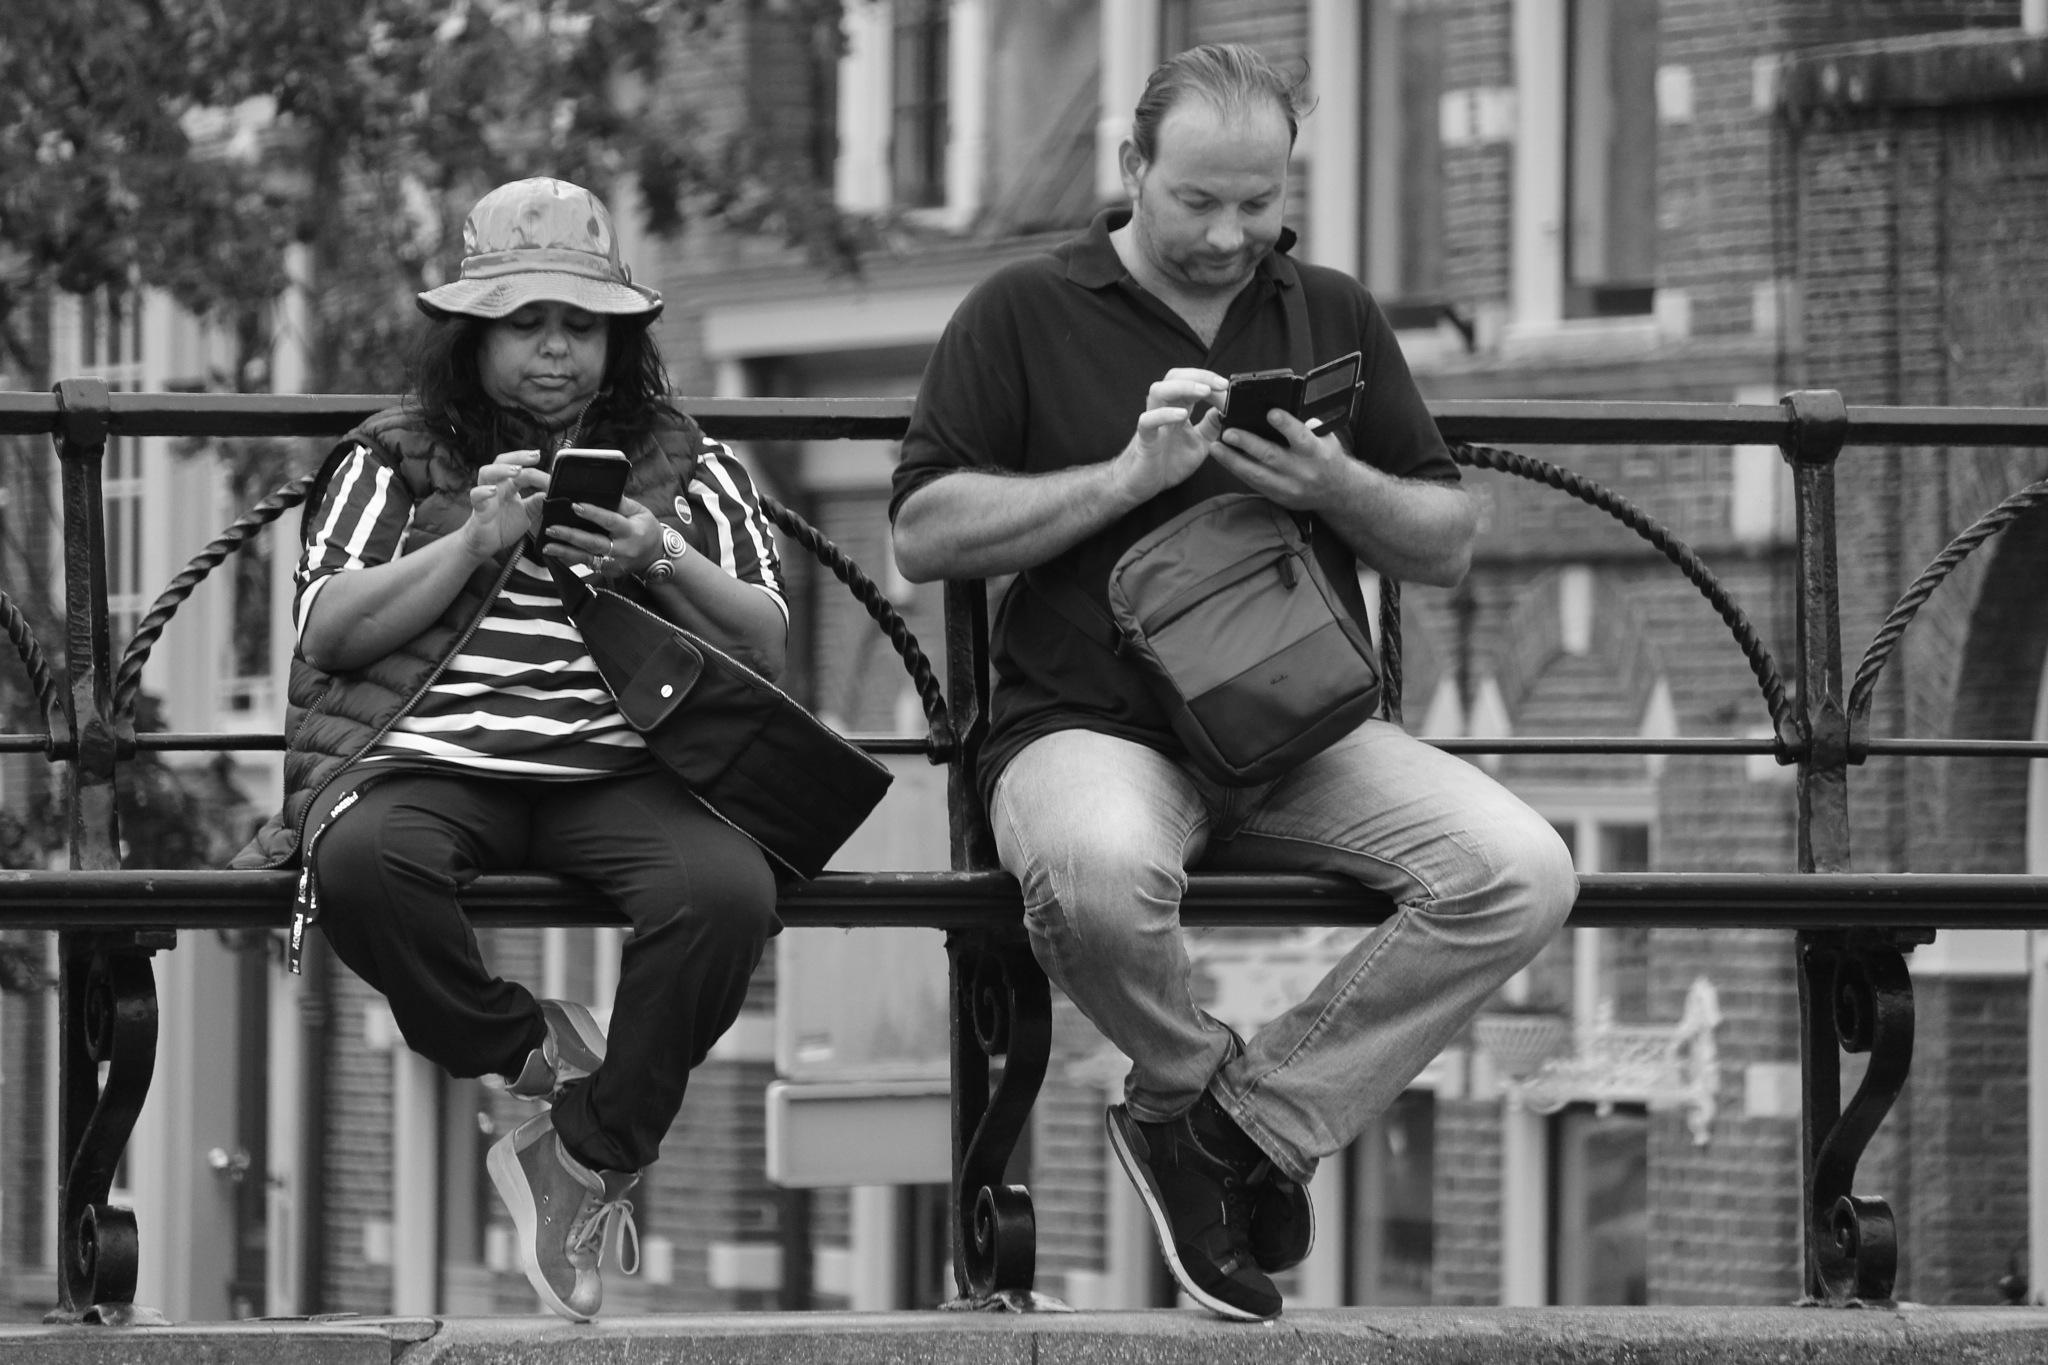 Een goed gesprek? by charlottevanwamelen69